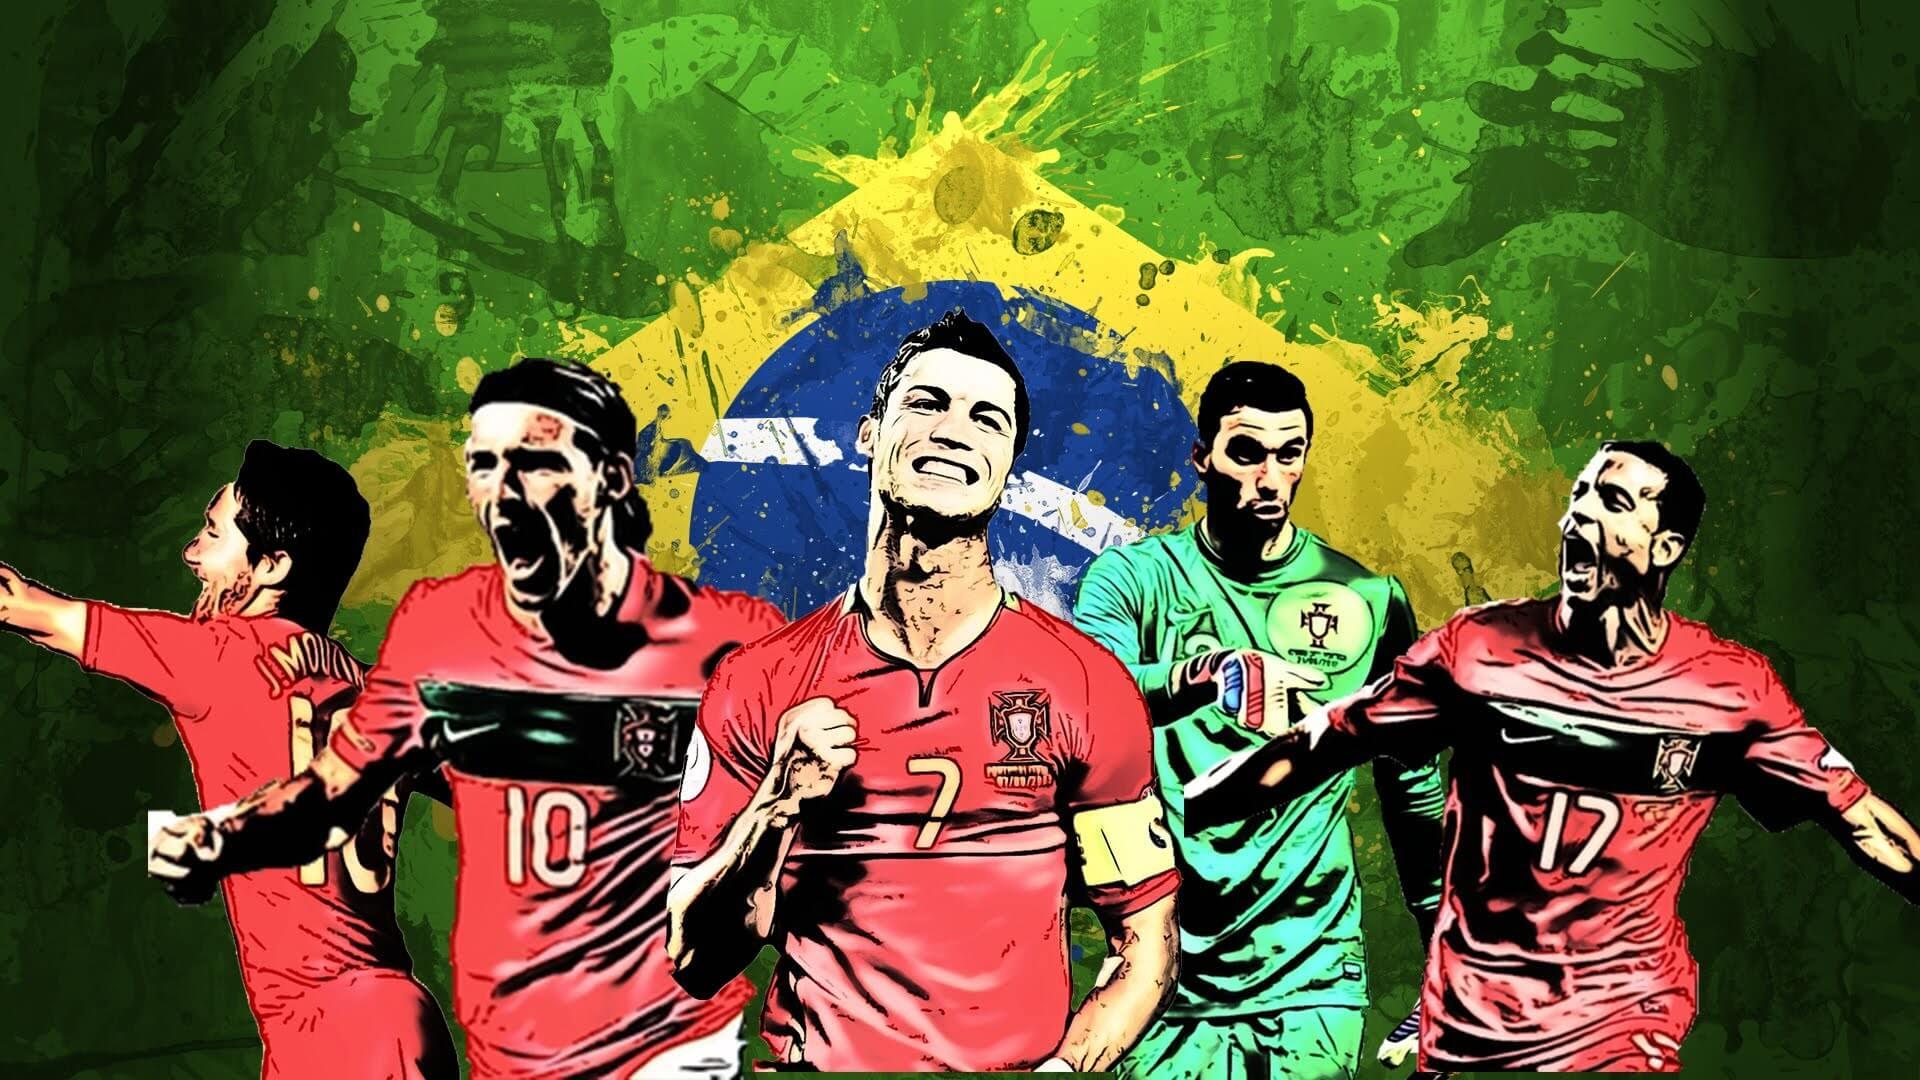 5 ทีมชาติที่เก่งที่สุด ที่เเฟนบอลโลกและนักเดิมพันไม่ควรพลาดในเวลานี้